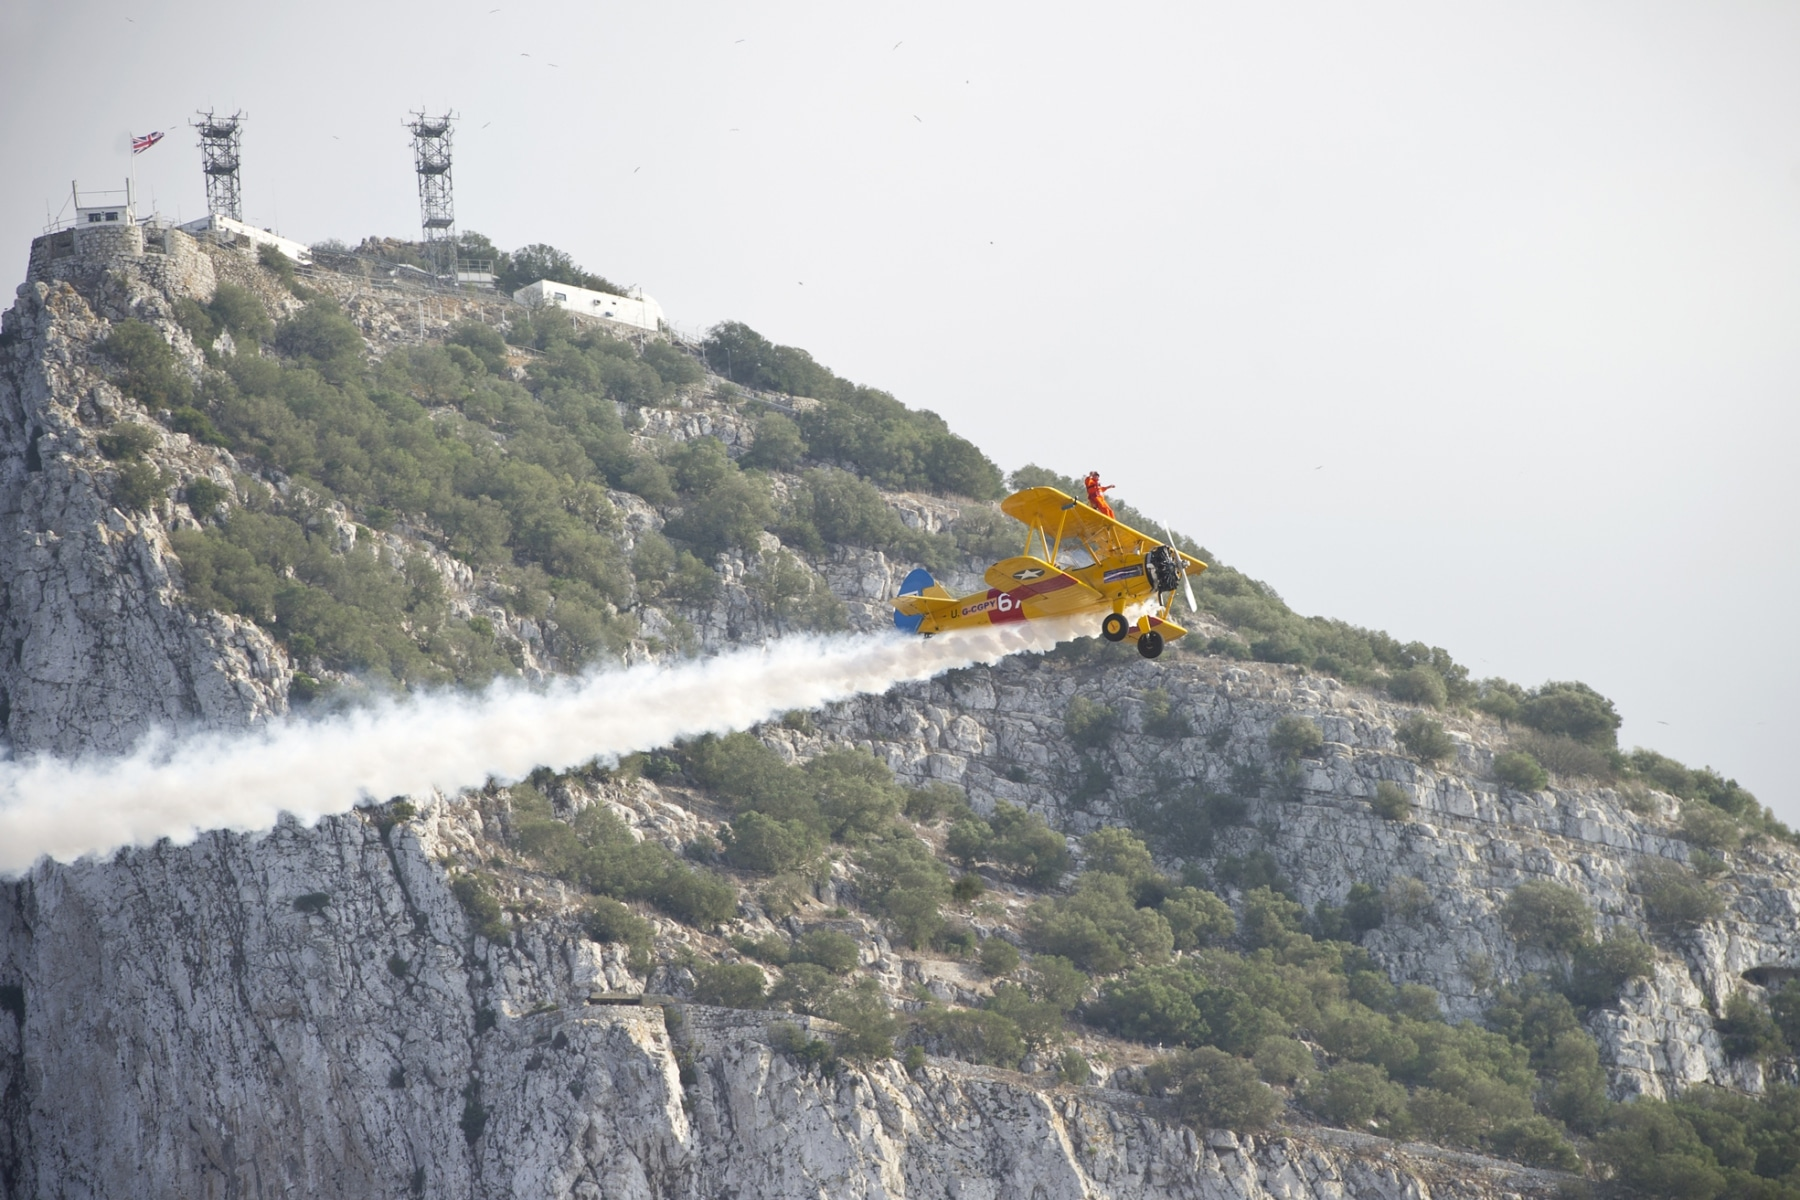 tom-lackey-acrobata-aereo-de-94-anos-en-gibraltar-10102014-17_15513090801_o